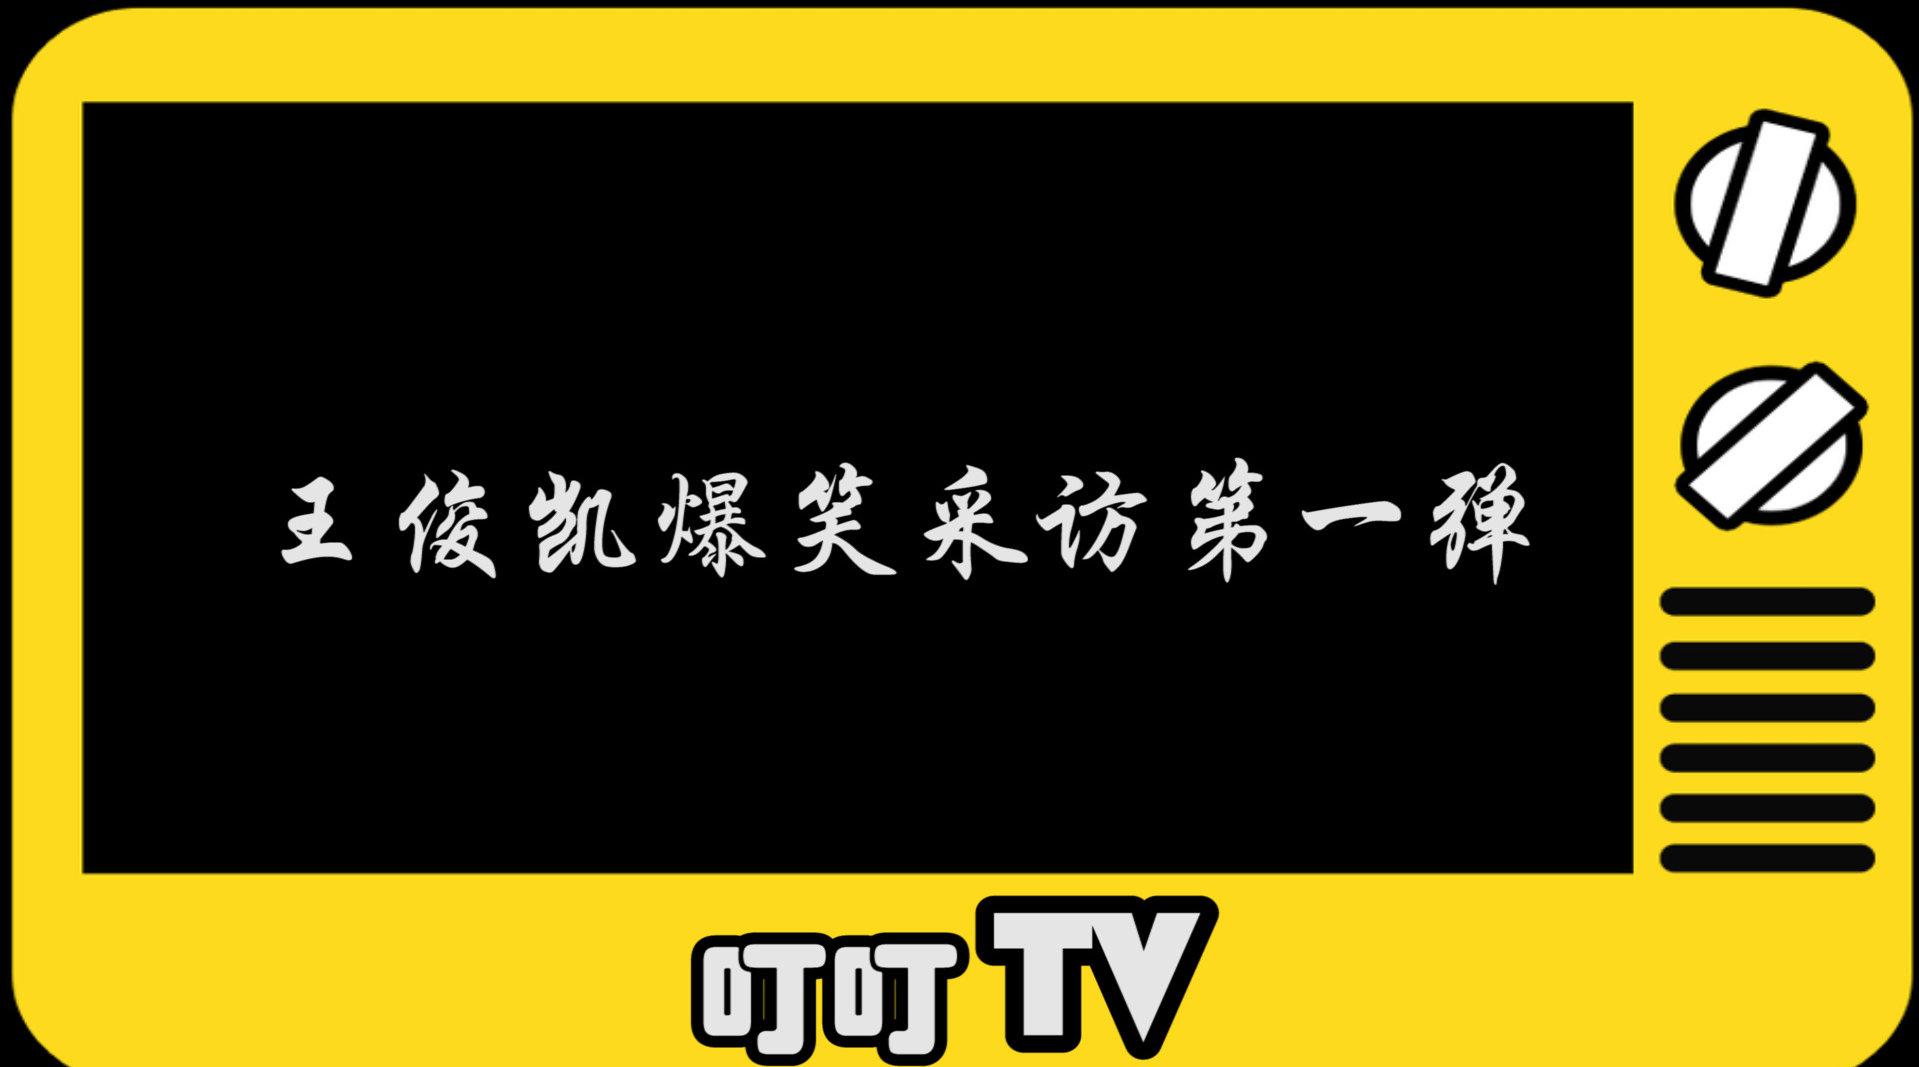 王俊凯搞笑采访超长合集~自问自答大型精分 全程高能满满都是梗